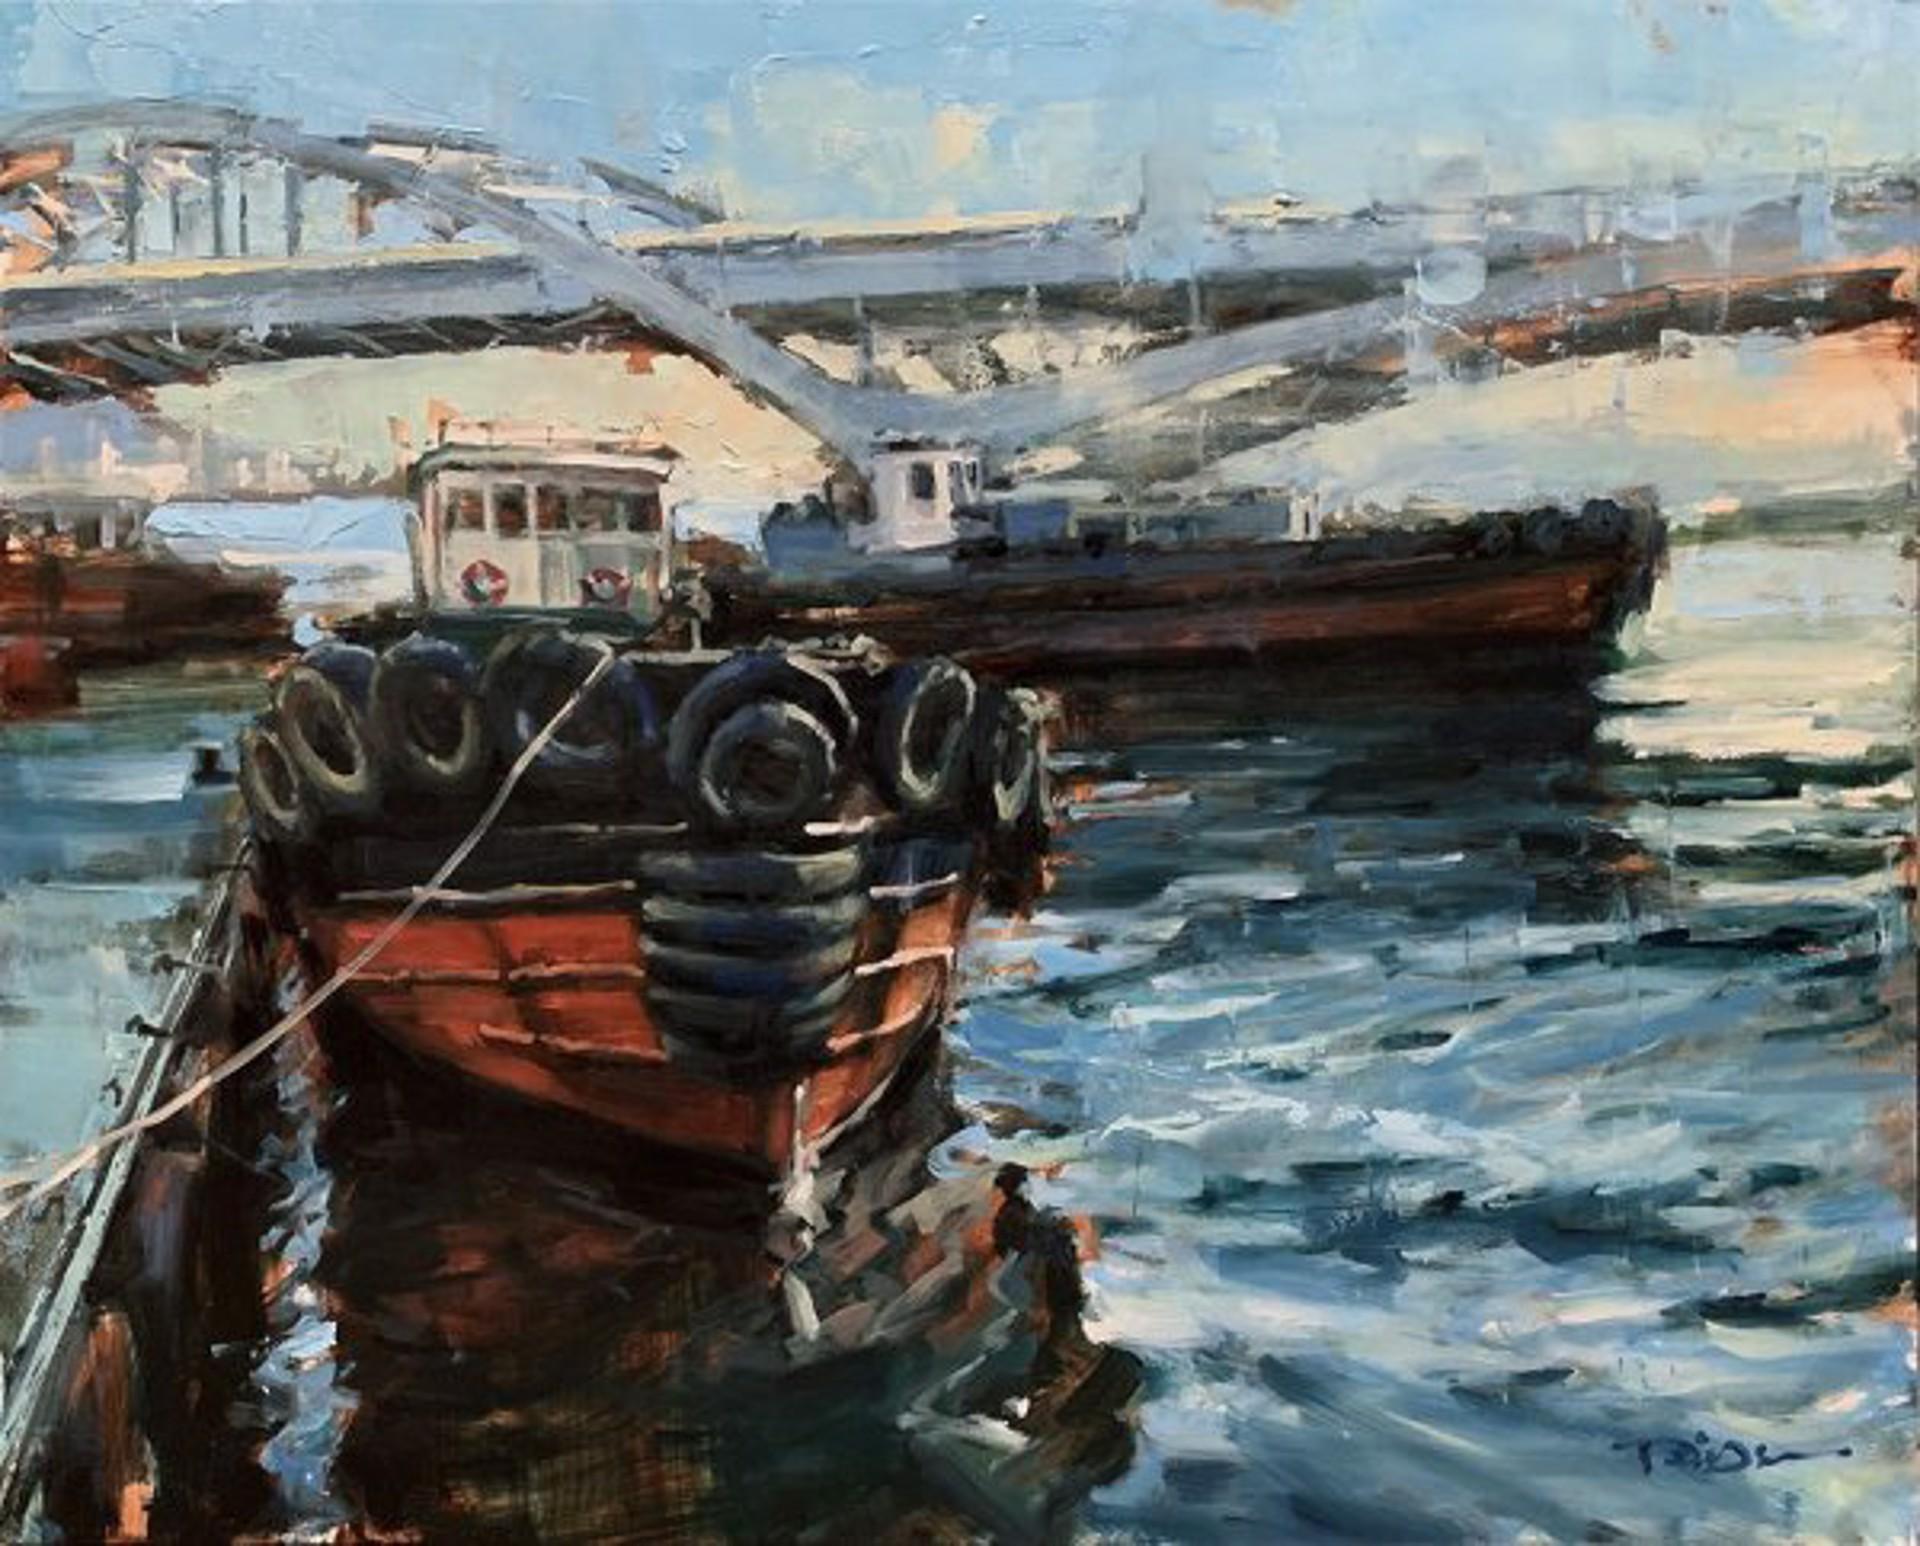 Pil Ho Lee: Busan Boat by Pil Ho Lee